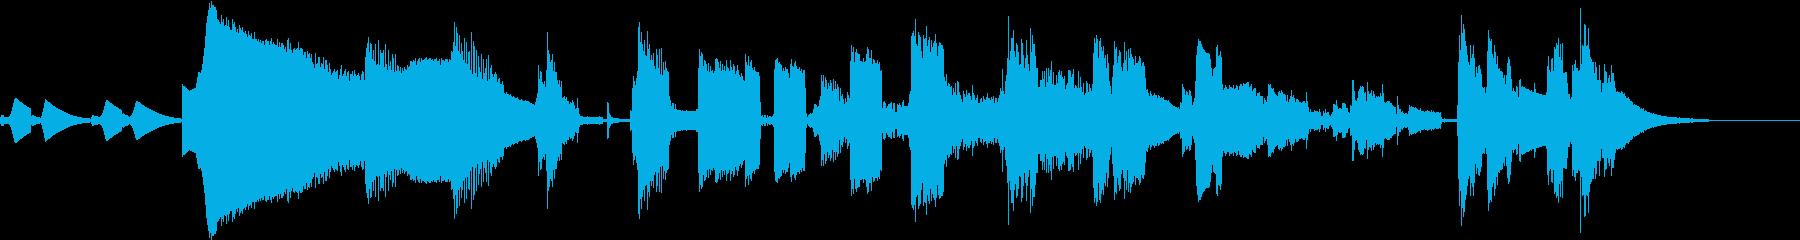 3Dプリンターの動作音をシンセなどで表現の再生済みの波形